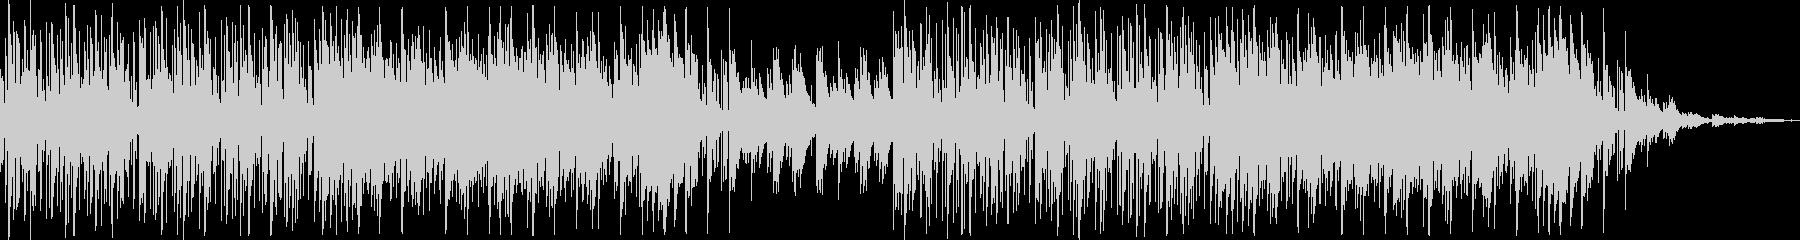 日常系 シンセの音を使い近未来的な雰囲気の未再生の波形